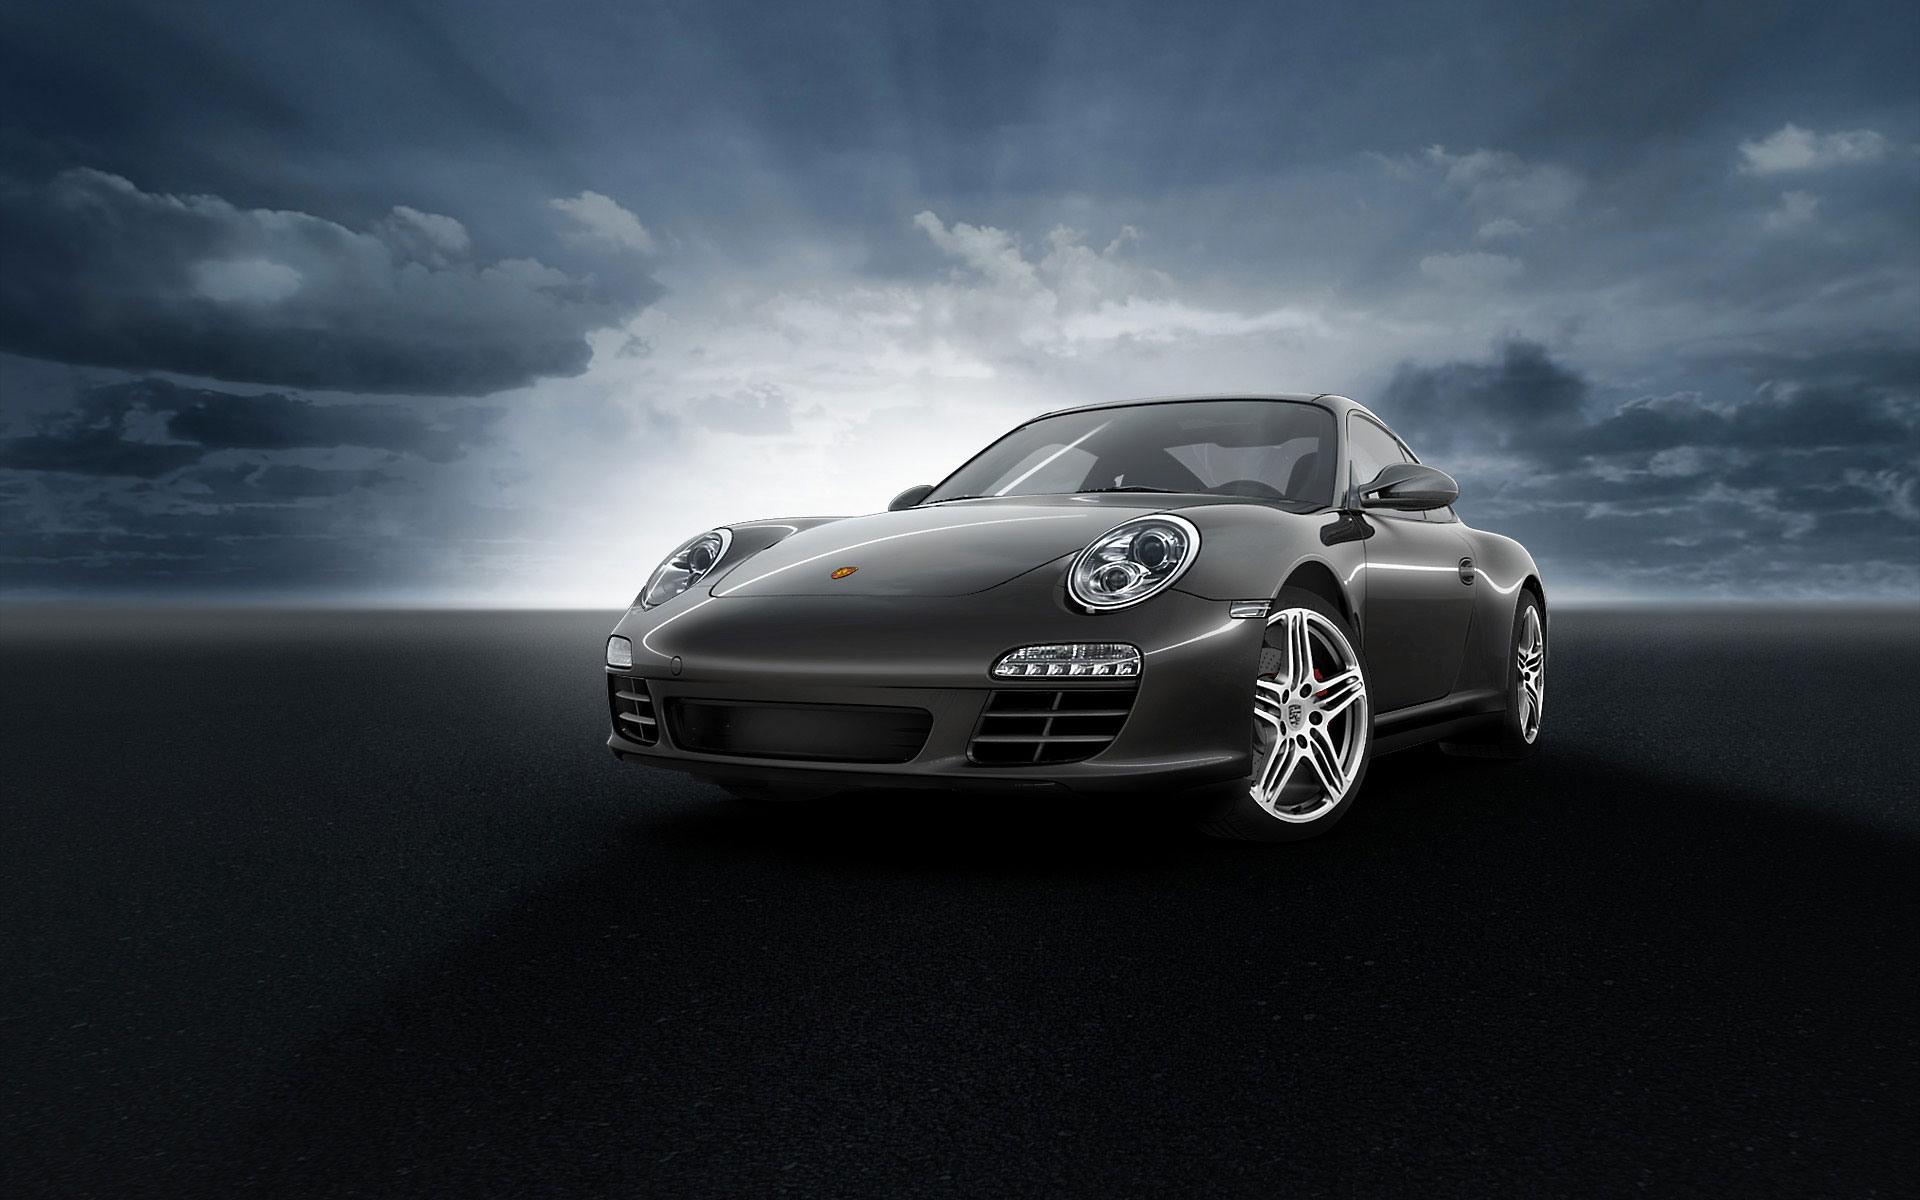 Porsche 911 Wallpaper 1920x1200